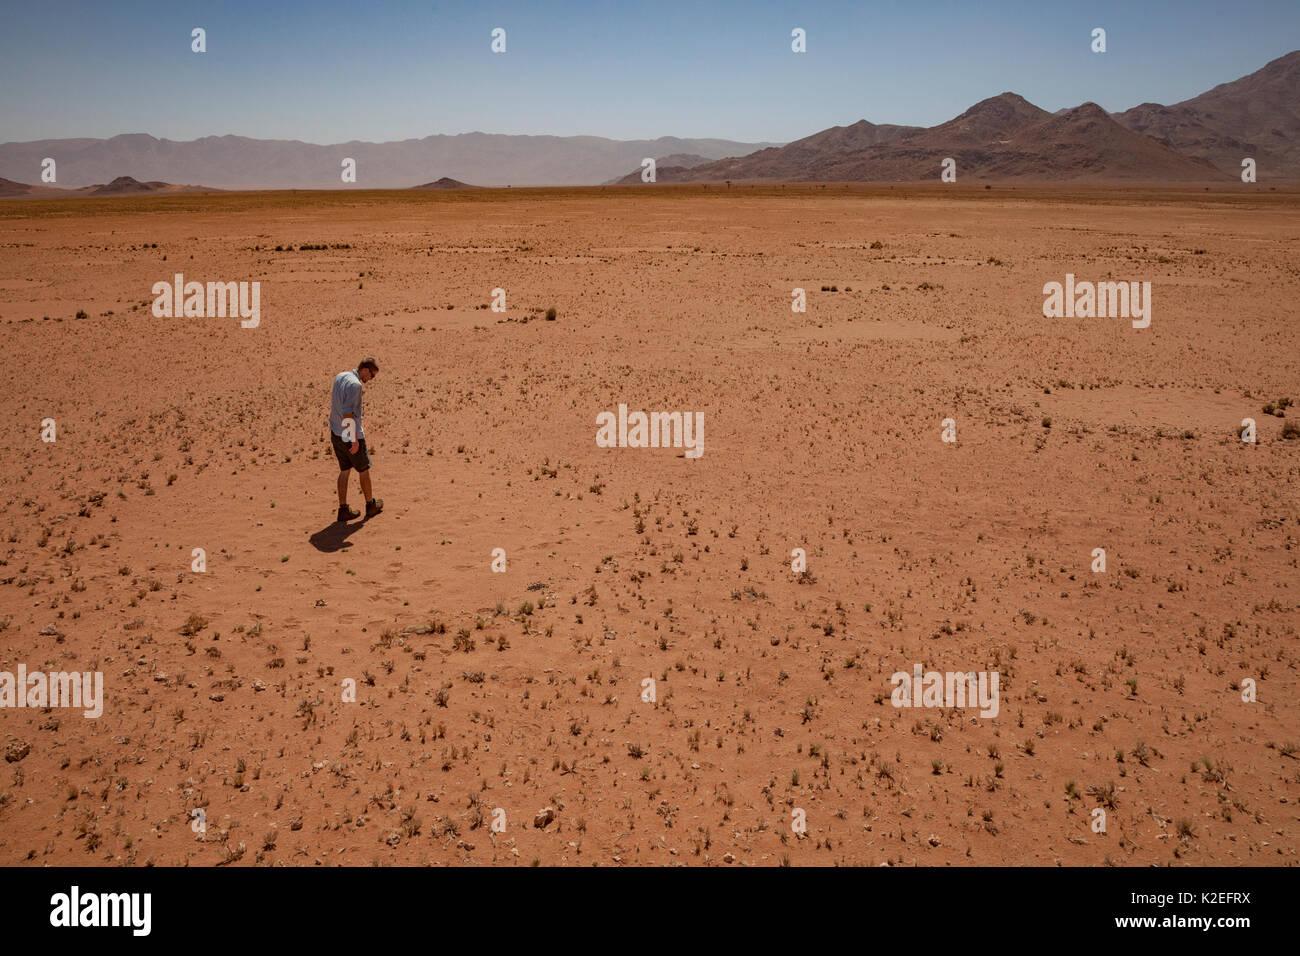 Forscher steht in einem Märchen Kreis in der Wüste Namib, Namibia. Diese Muster haben vor kurzem festgestellt, dass diese Muster durch eine Mischung von Termiten verursacht werden, mit der Aktion der Gräser abschließen für Wasser kombiniert. Februar 2015 Stockbild